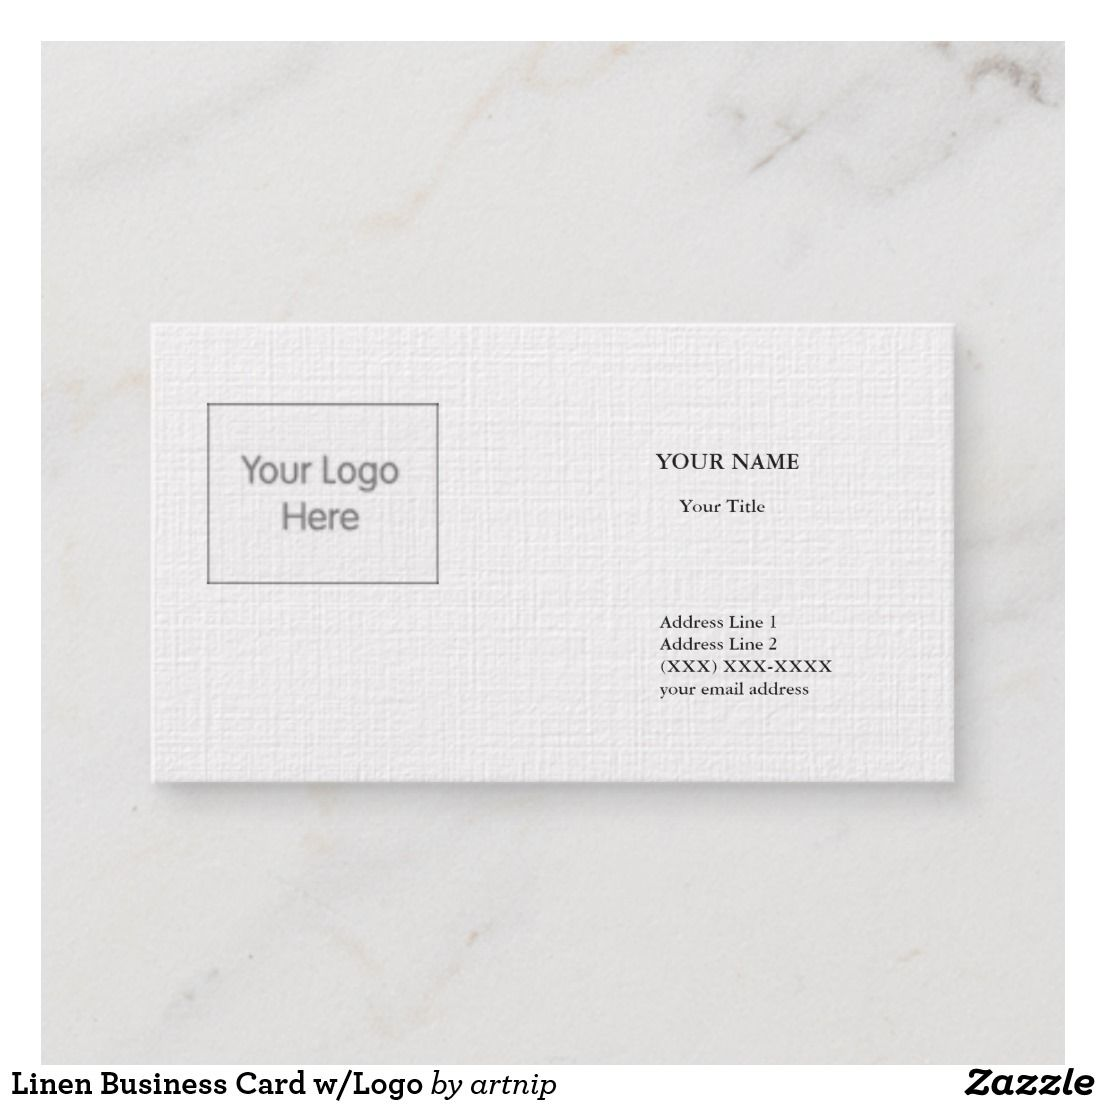 Linen Business Card Wlogo Pinterest